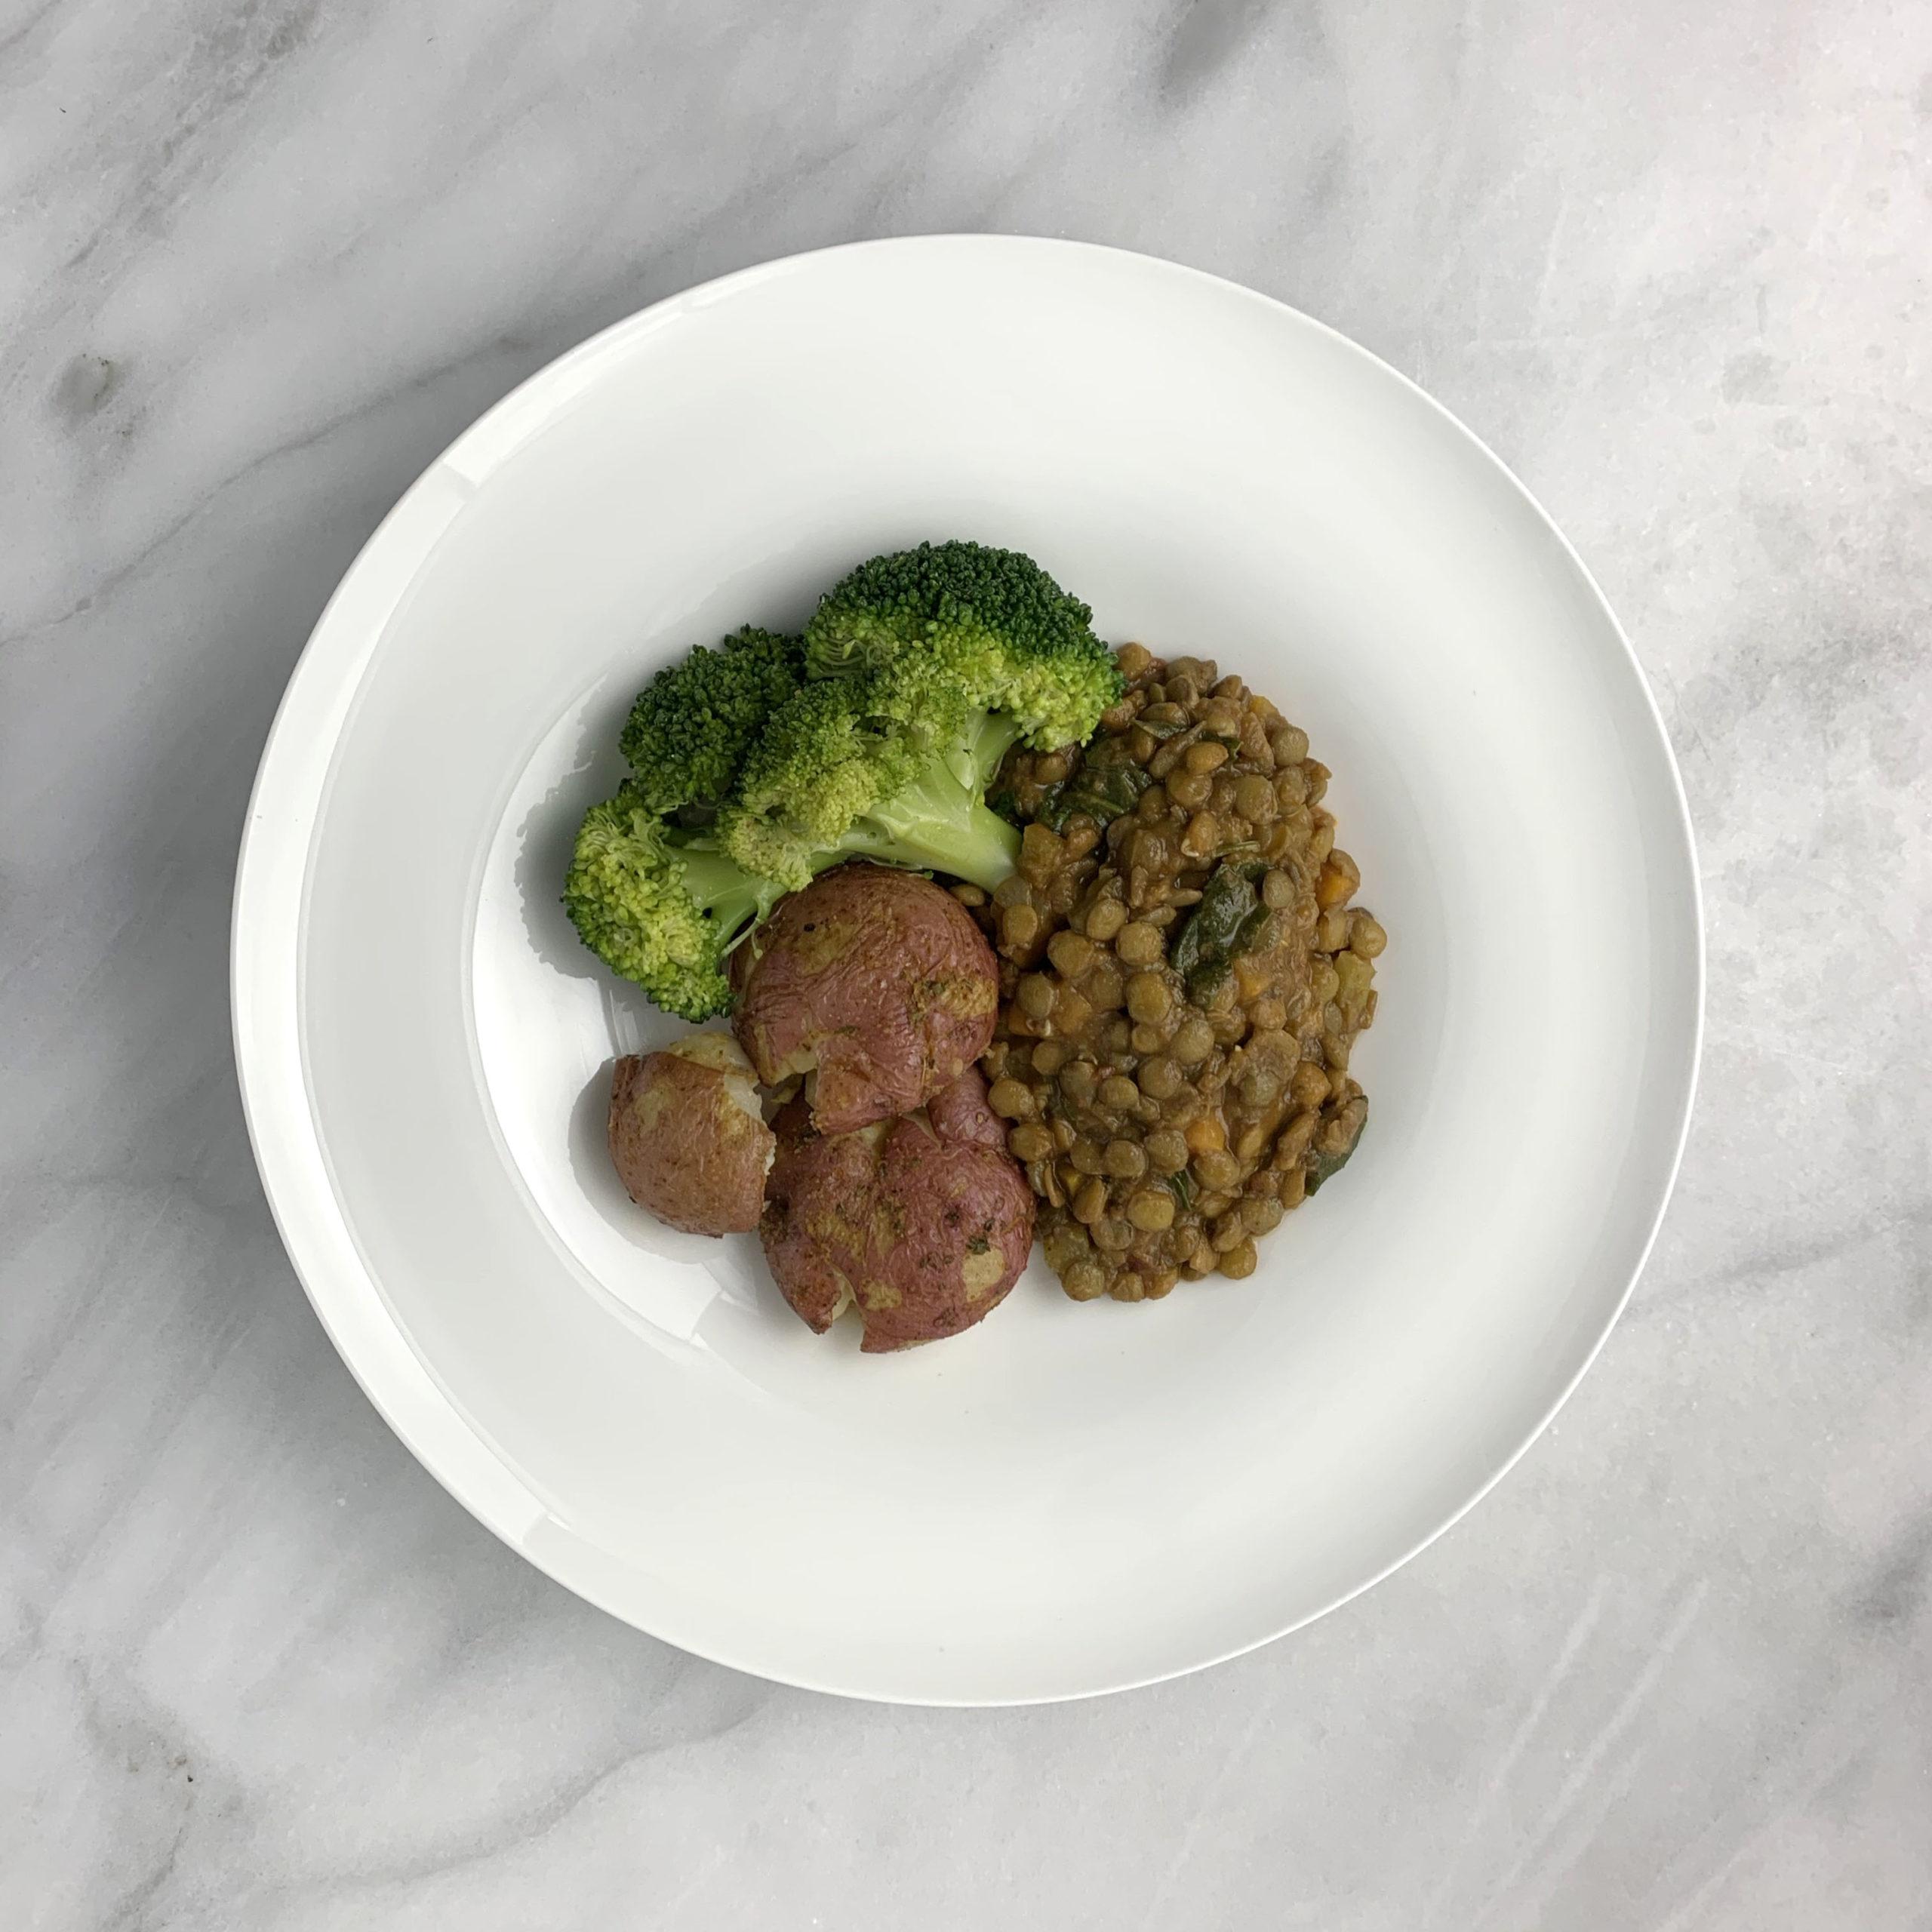 Green Lentil Stew